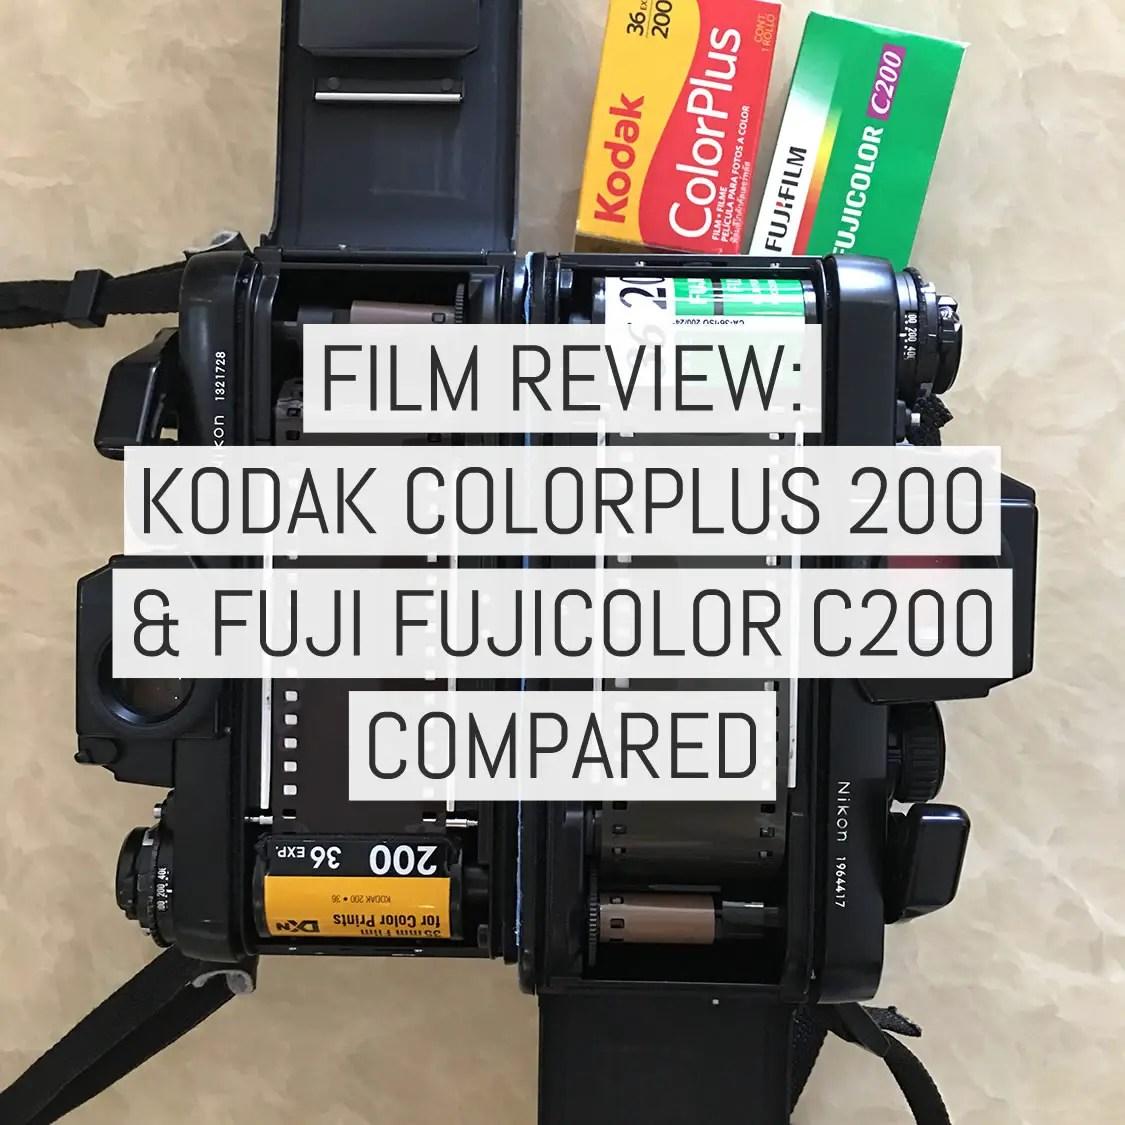 Film stock review: Comparing Kodak ColorPlus 200 and Fuji ...